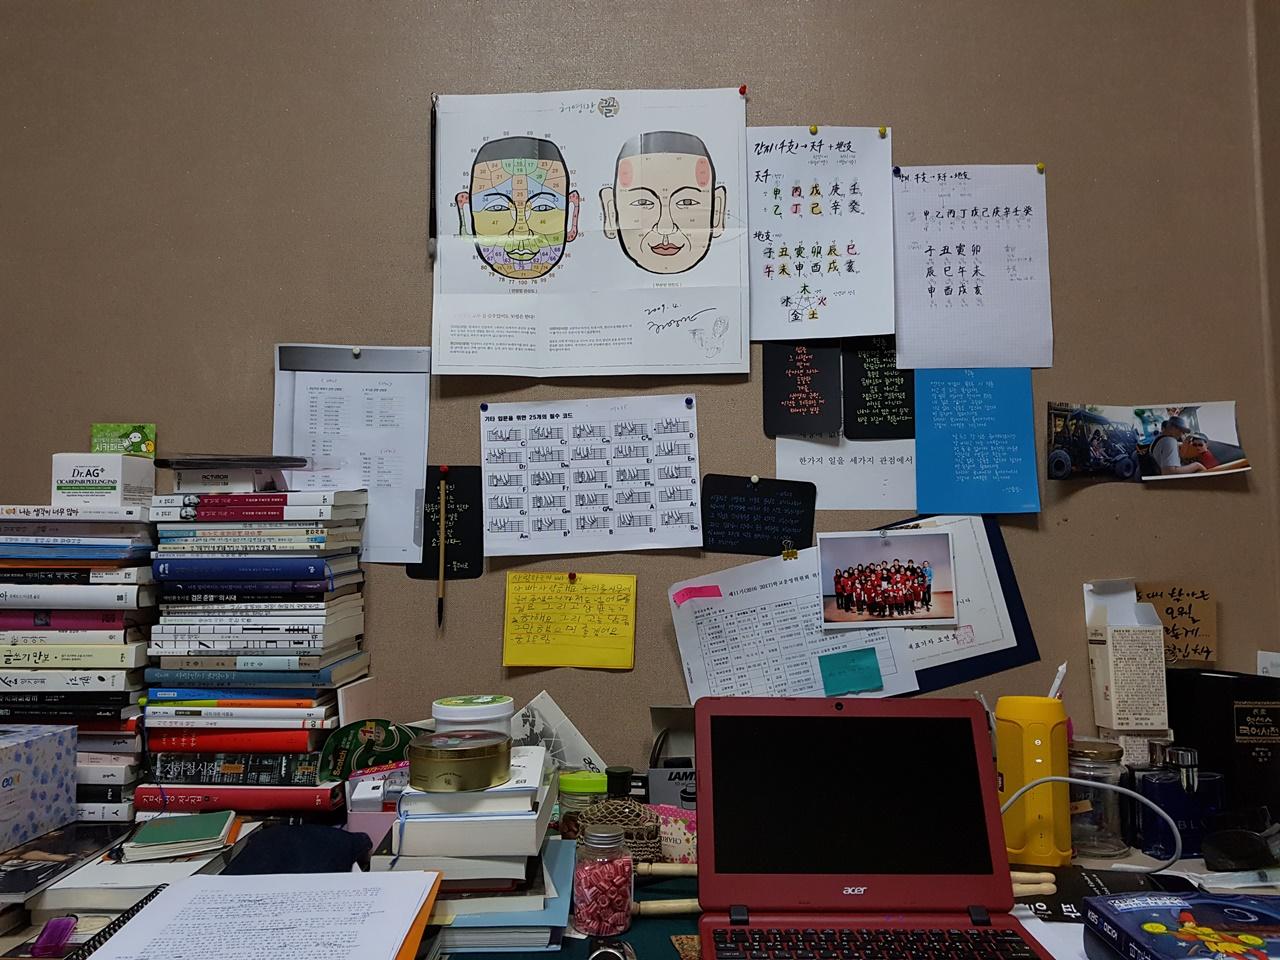 책상 전면에 붙어있는 관상과 사주의 기본 지식들